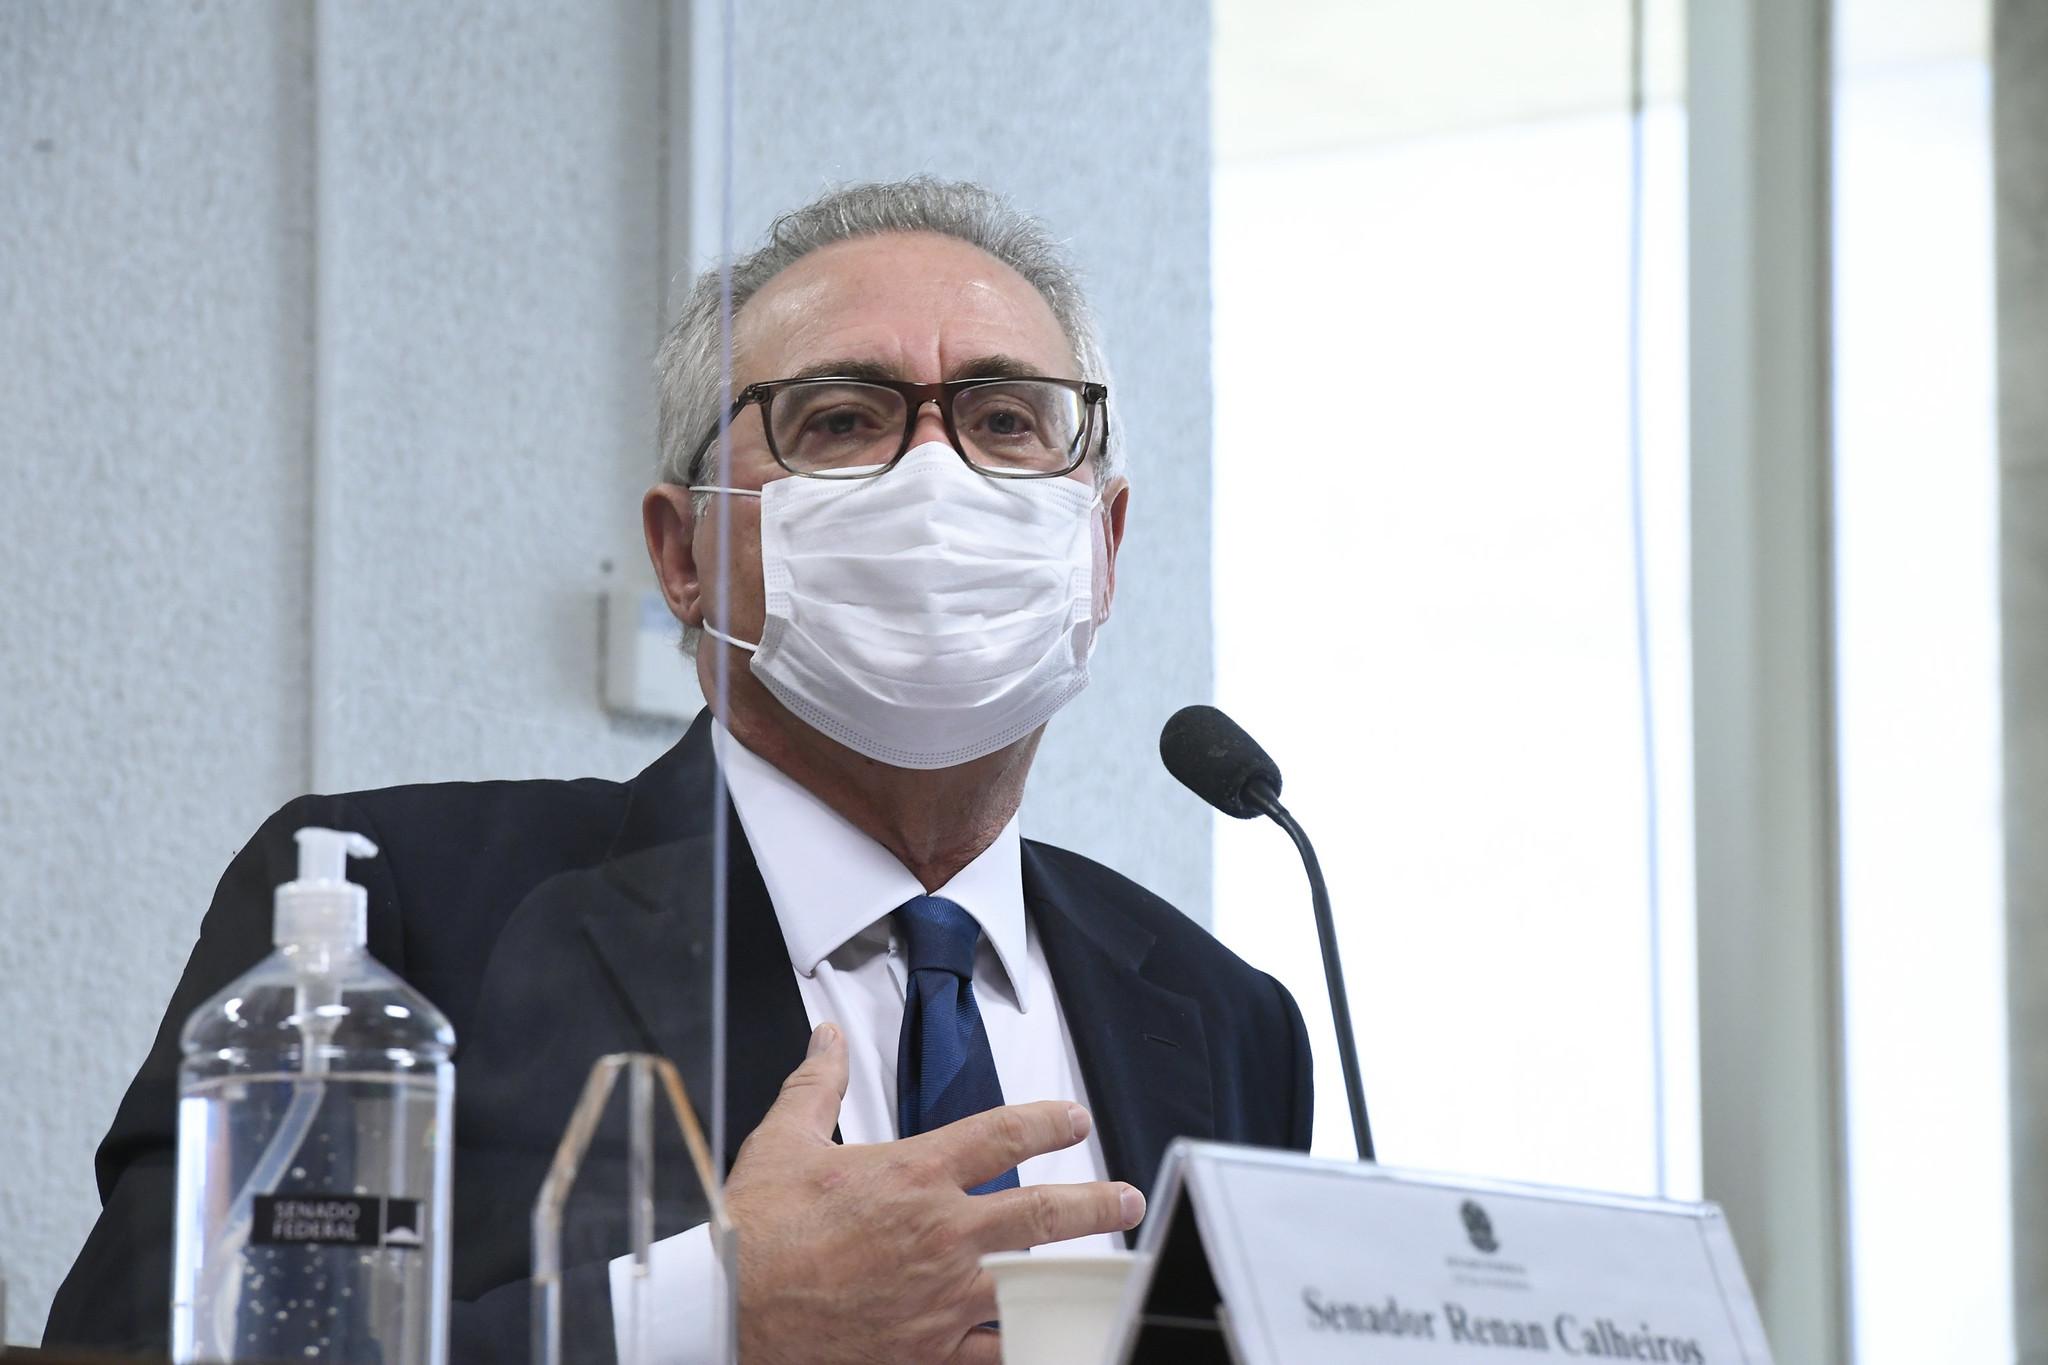 IMAGEM: Relatório de Renan pedirá indiciamento de Bolsonaro por prevaricação